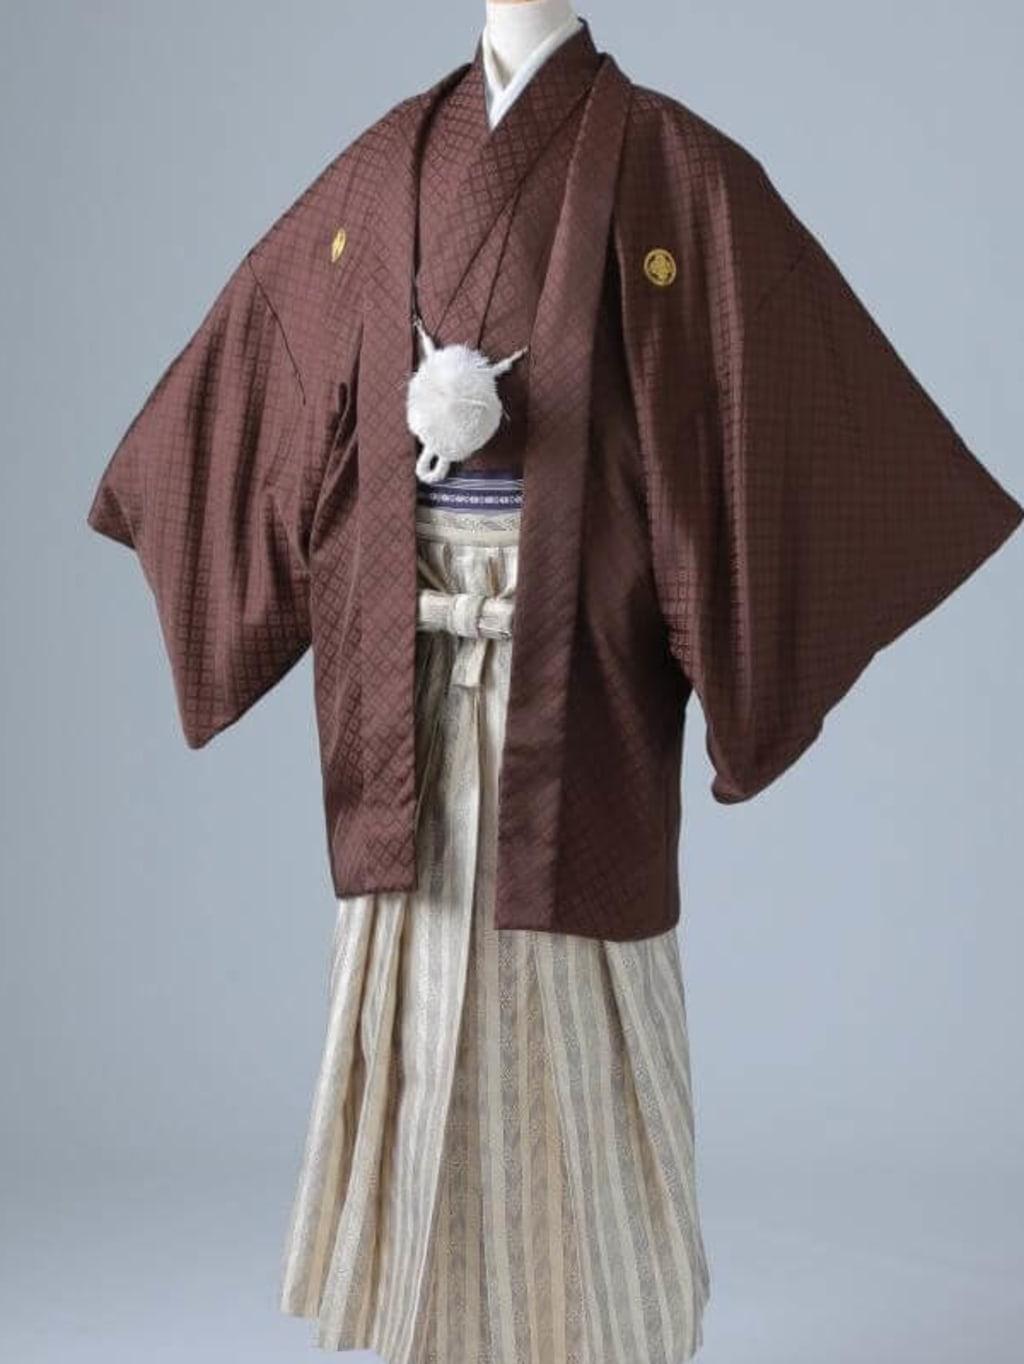 ブラウン紋服 ゴールド袴_横浜店